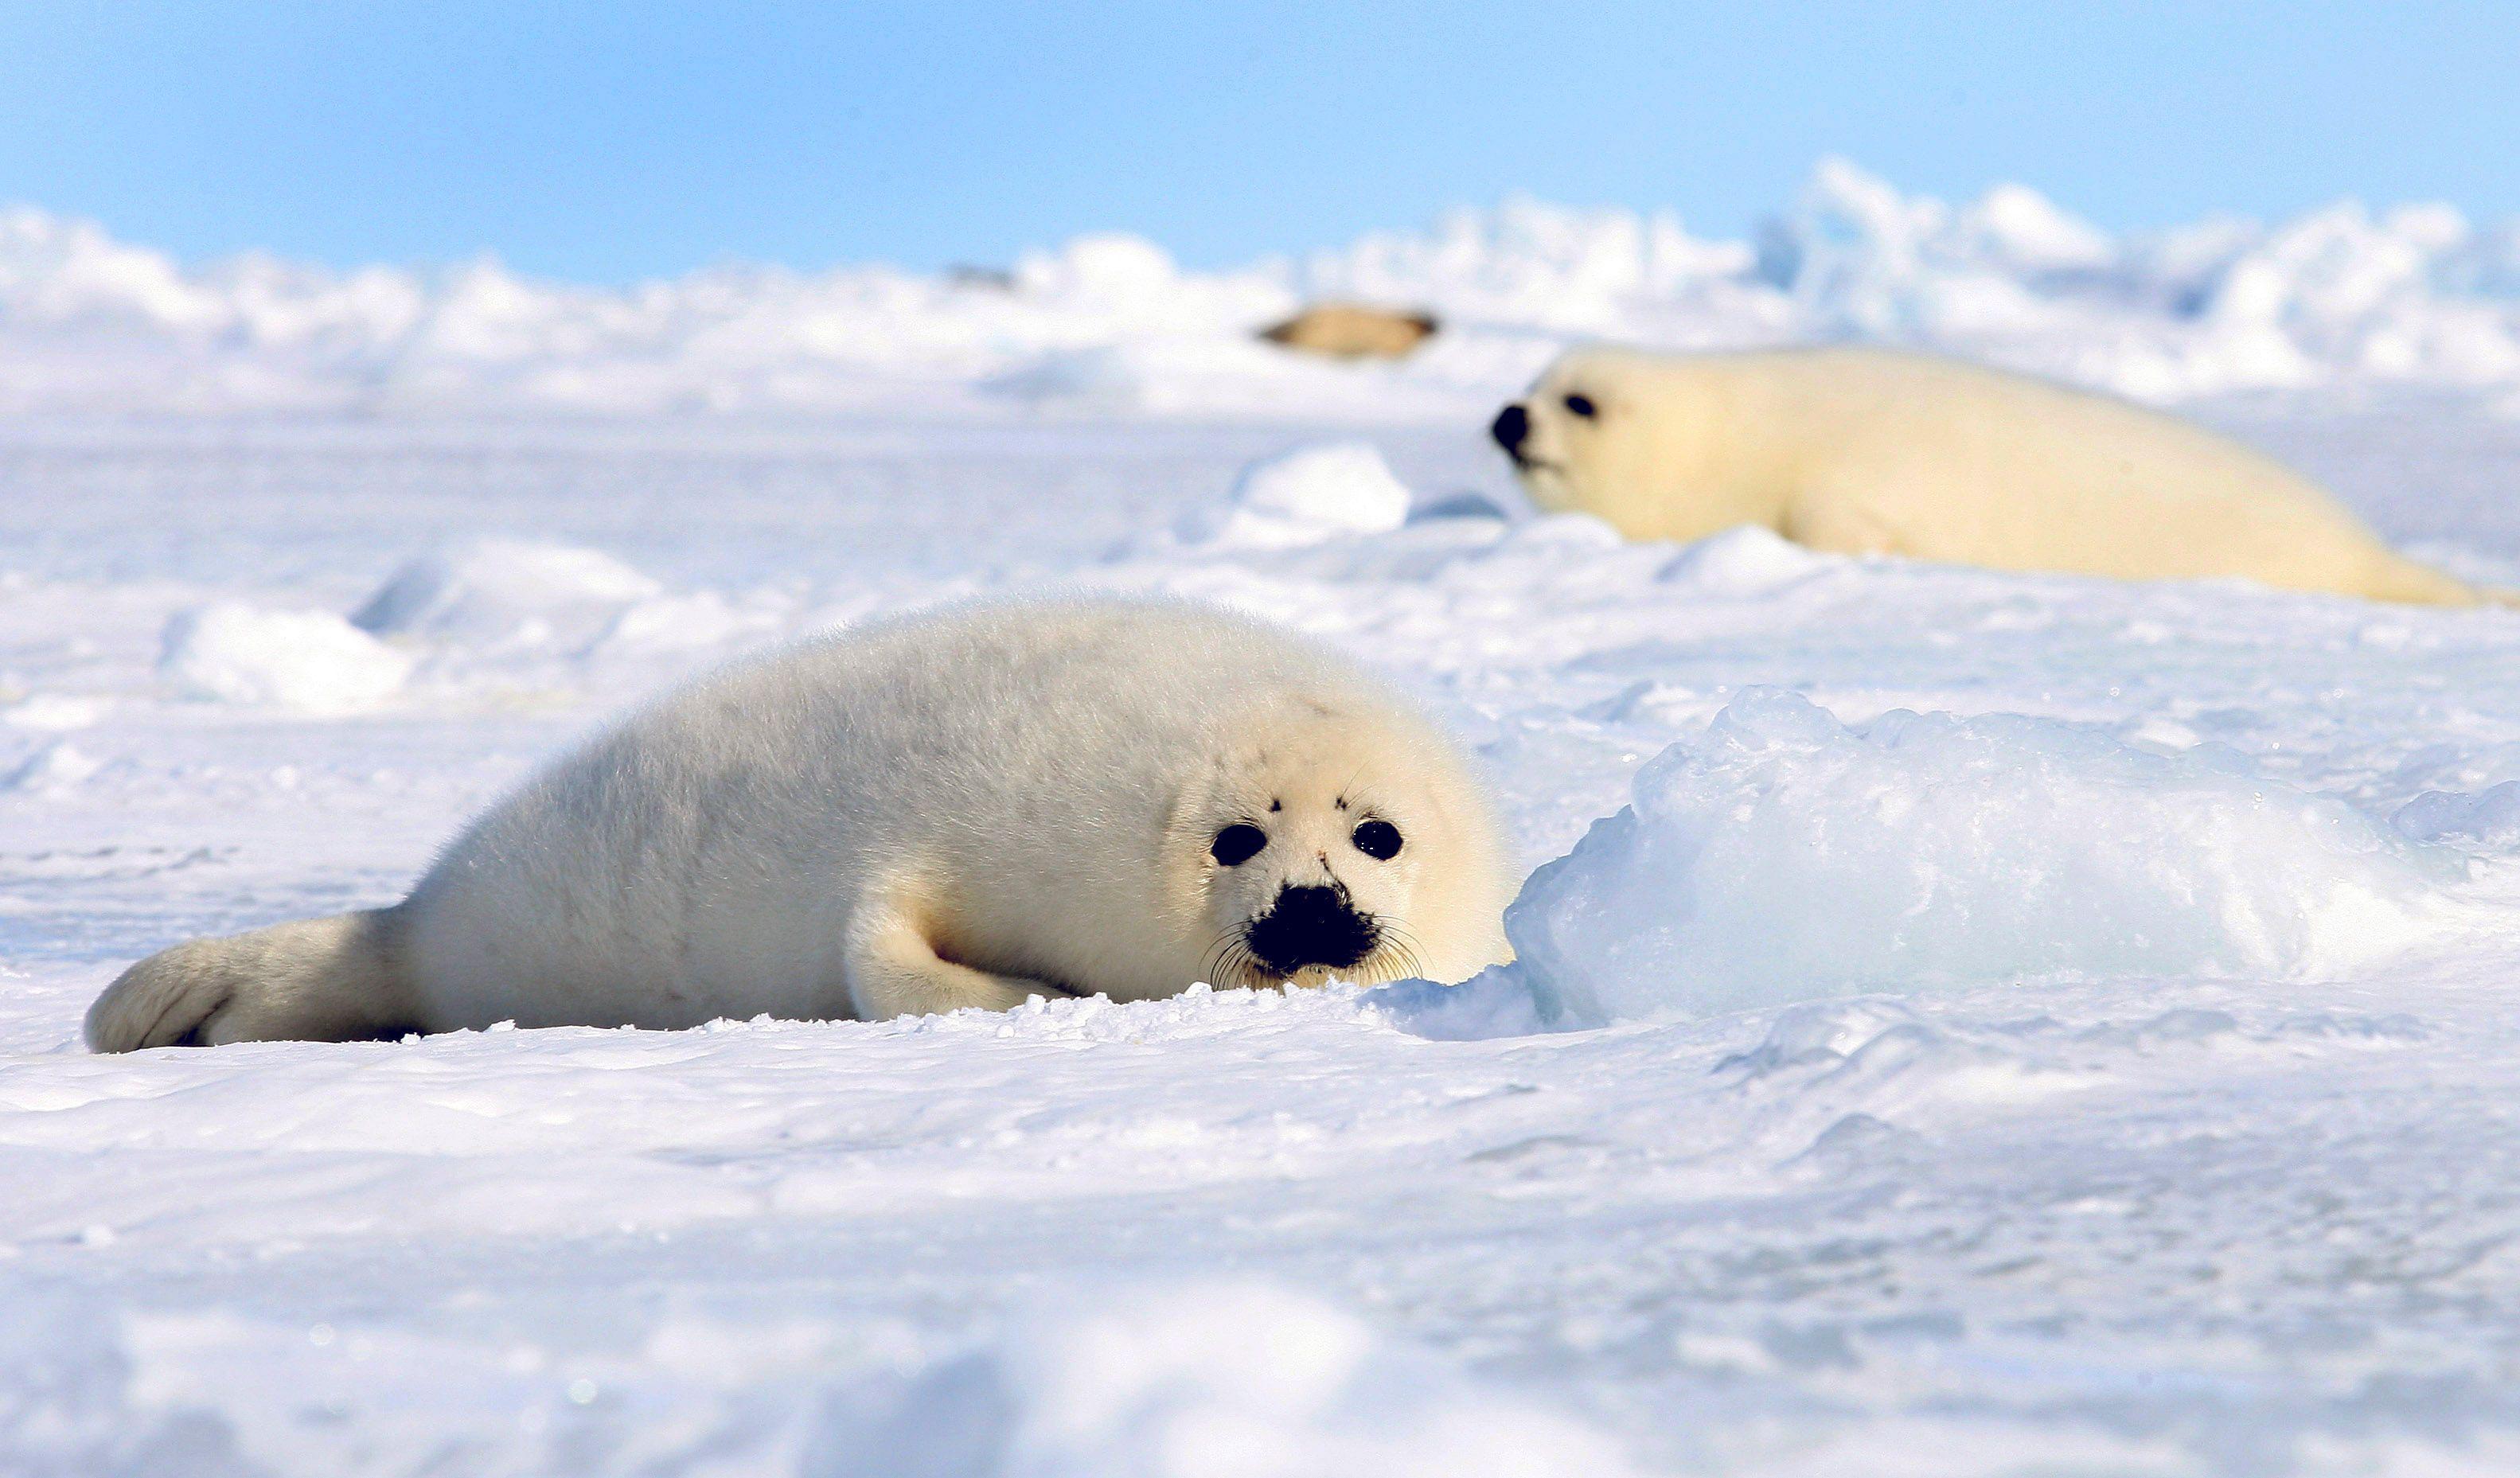 Le réchauffement climatique fait fondre la banquise et modifie tout son écosystème.